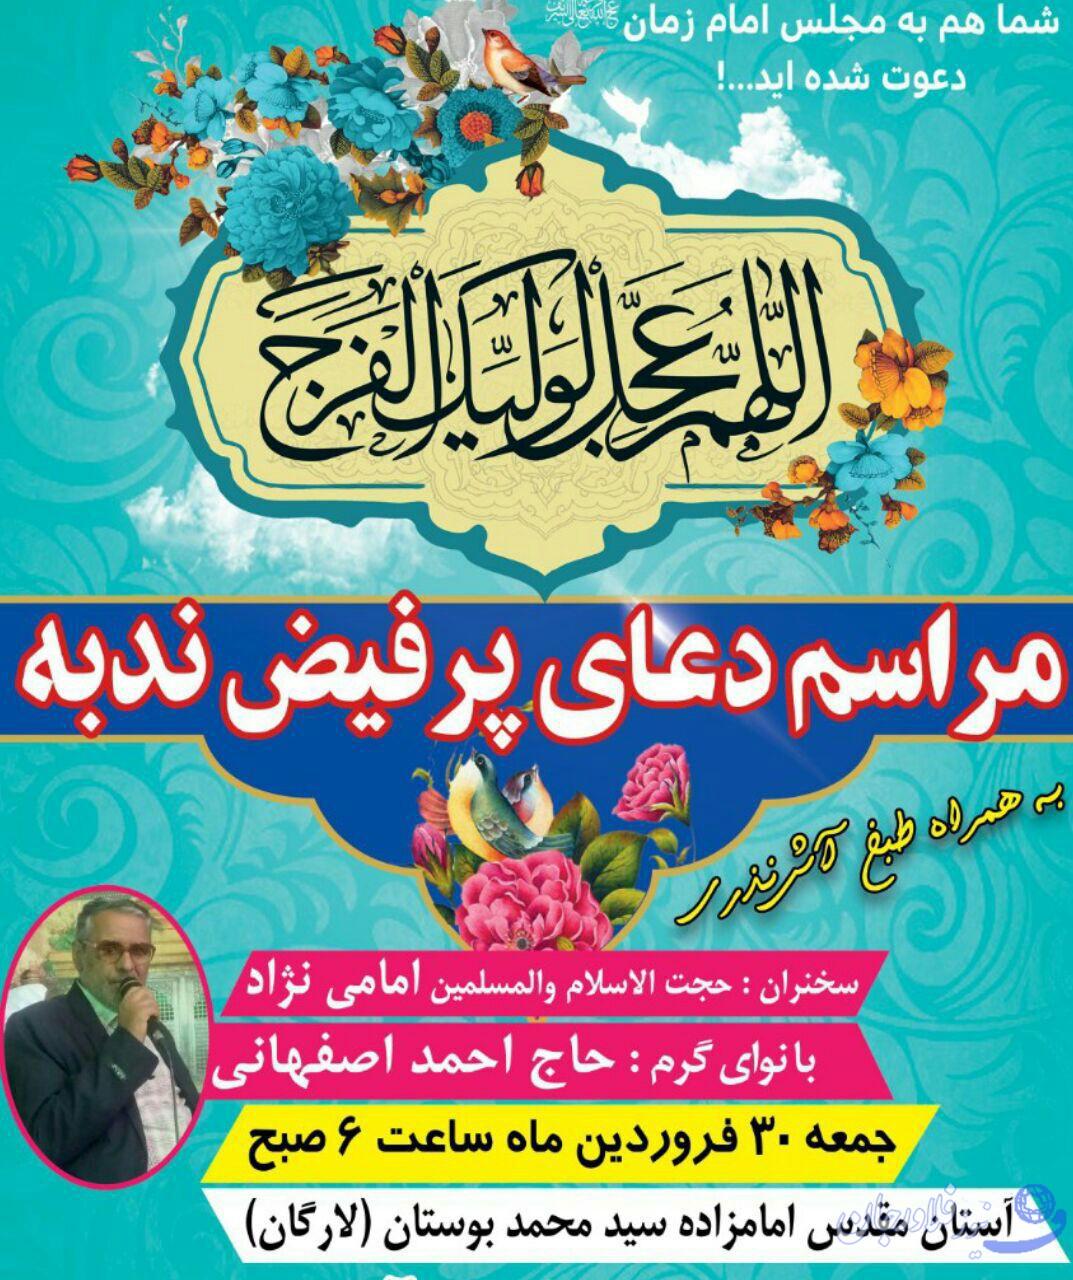 مراسم دعای ندبه درجوارآستان امامزاده سیدمحمدبوستان برگزارشد